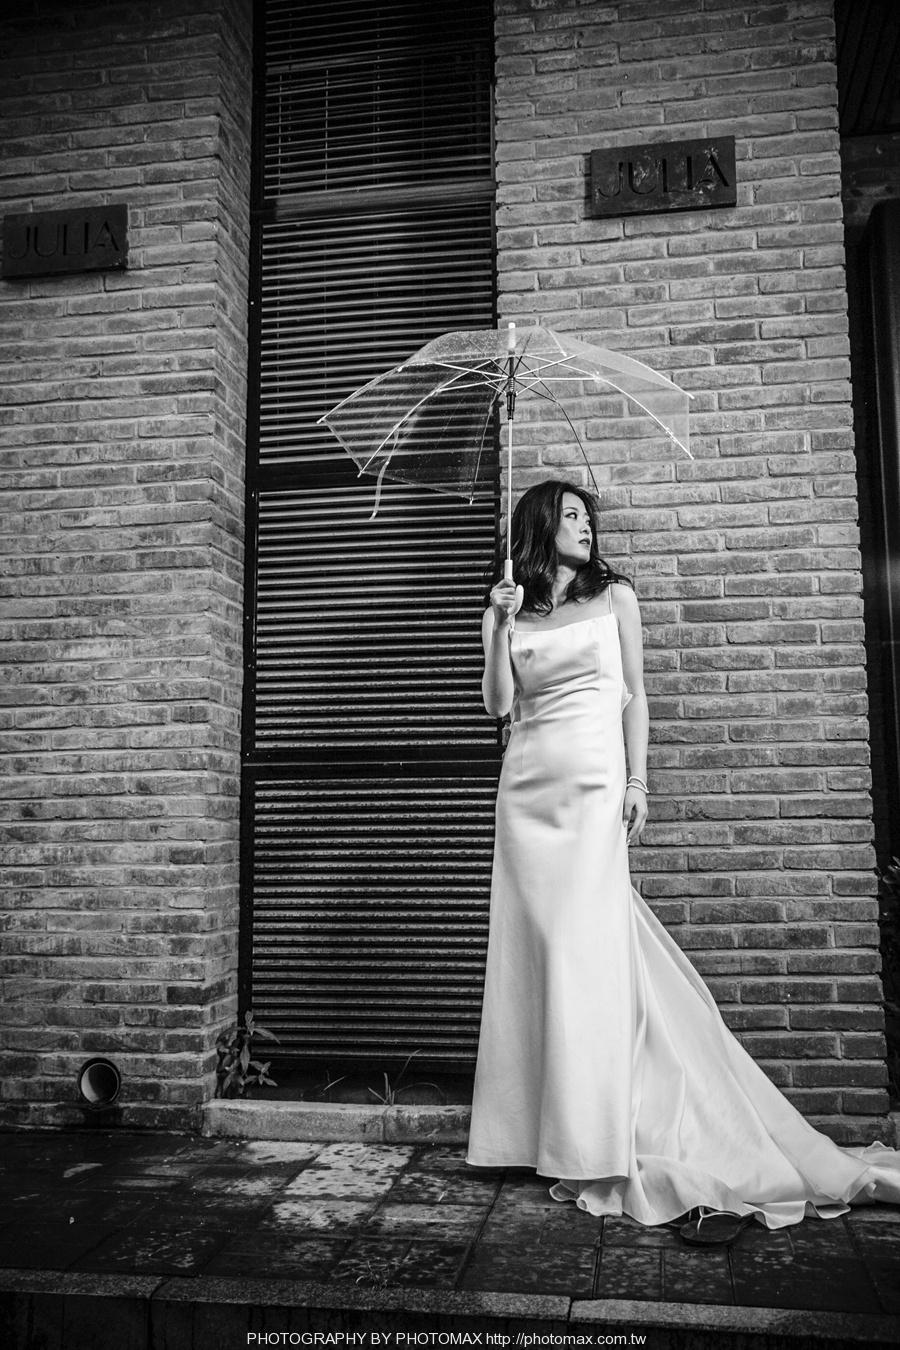 刘喆 PHOTOMAX 老麦摄影 绕着世界拍爱情 婚纱摄影 (18)